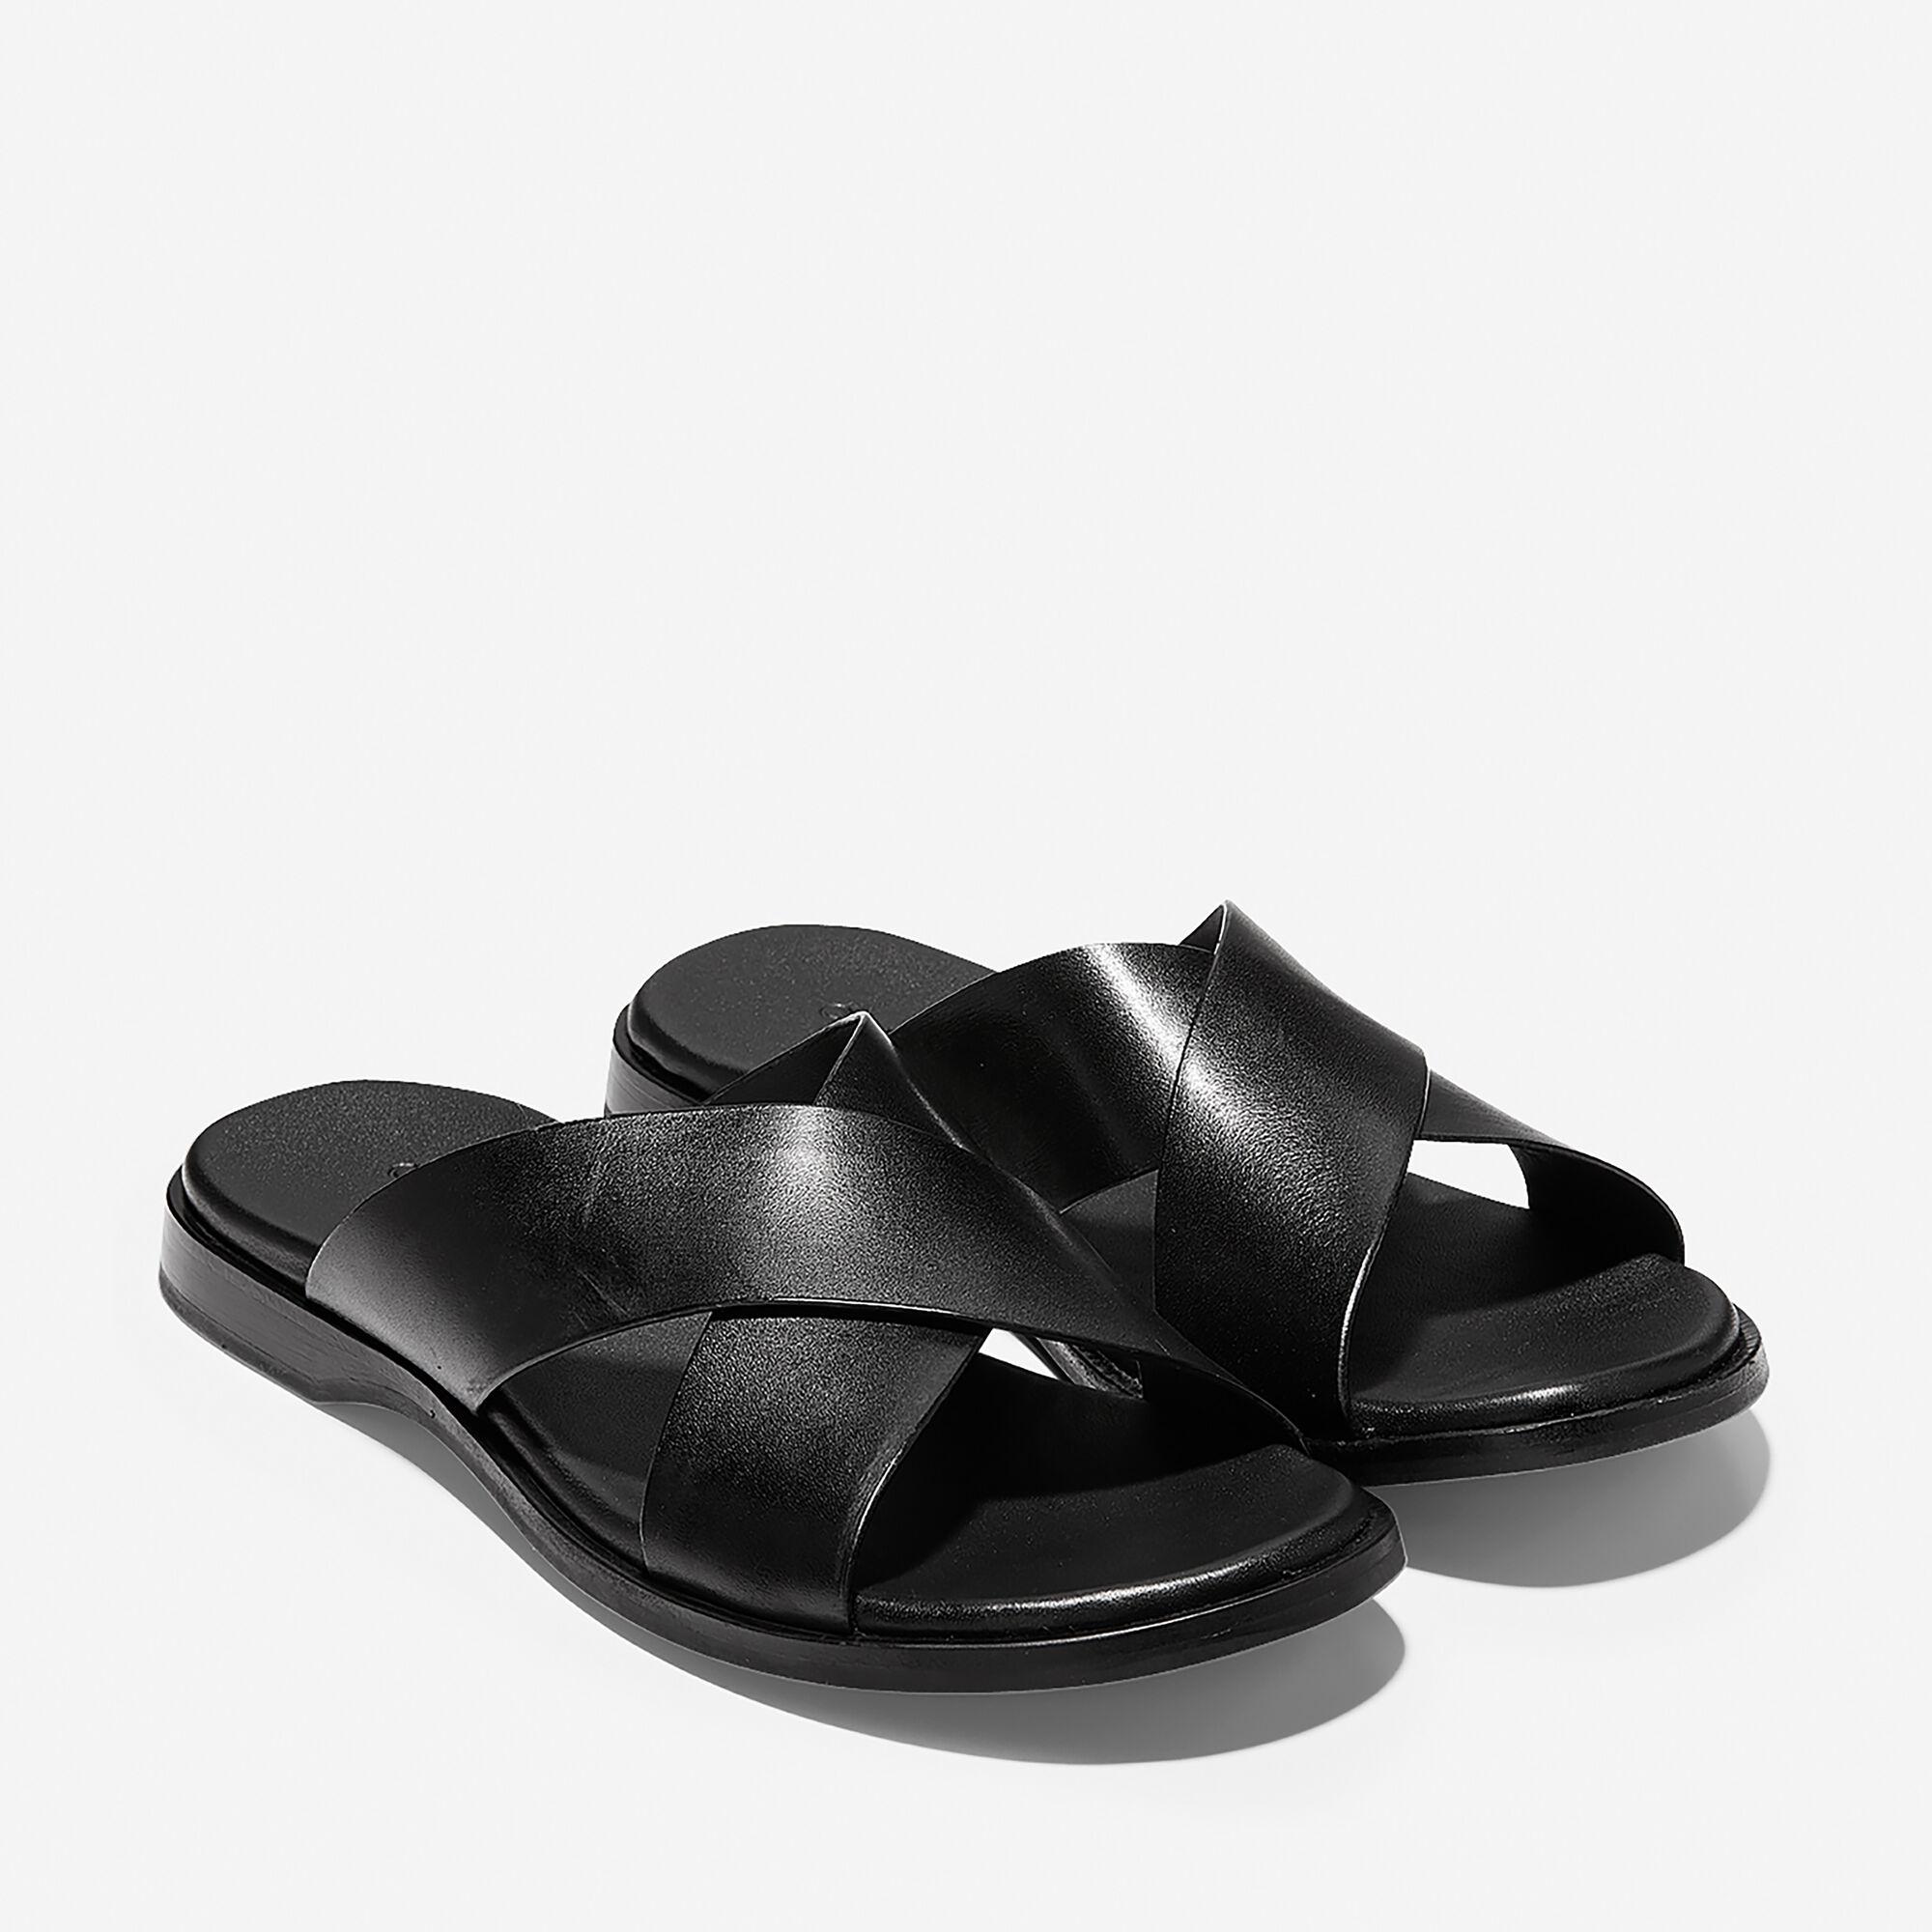 2d2acc694f90 ... Goldwyn 2.0 Crisscross Sandal · Goldwyn 2.0 Crisscross Sandal.  COLEHAAN